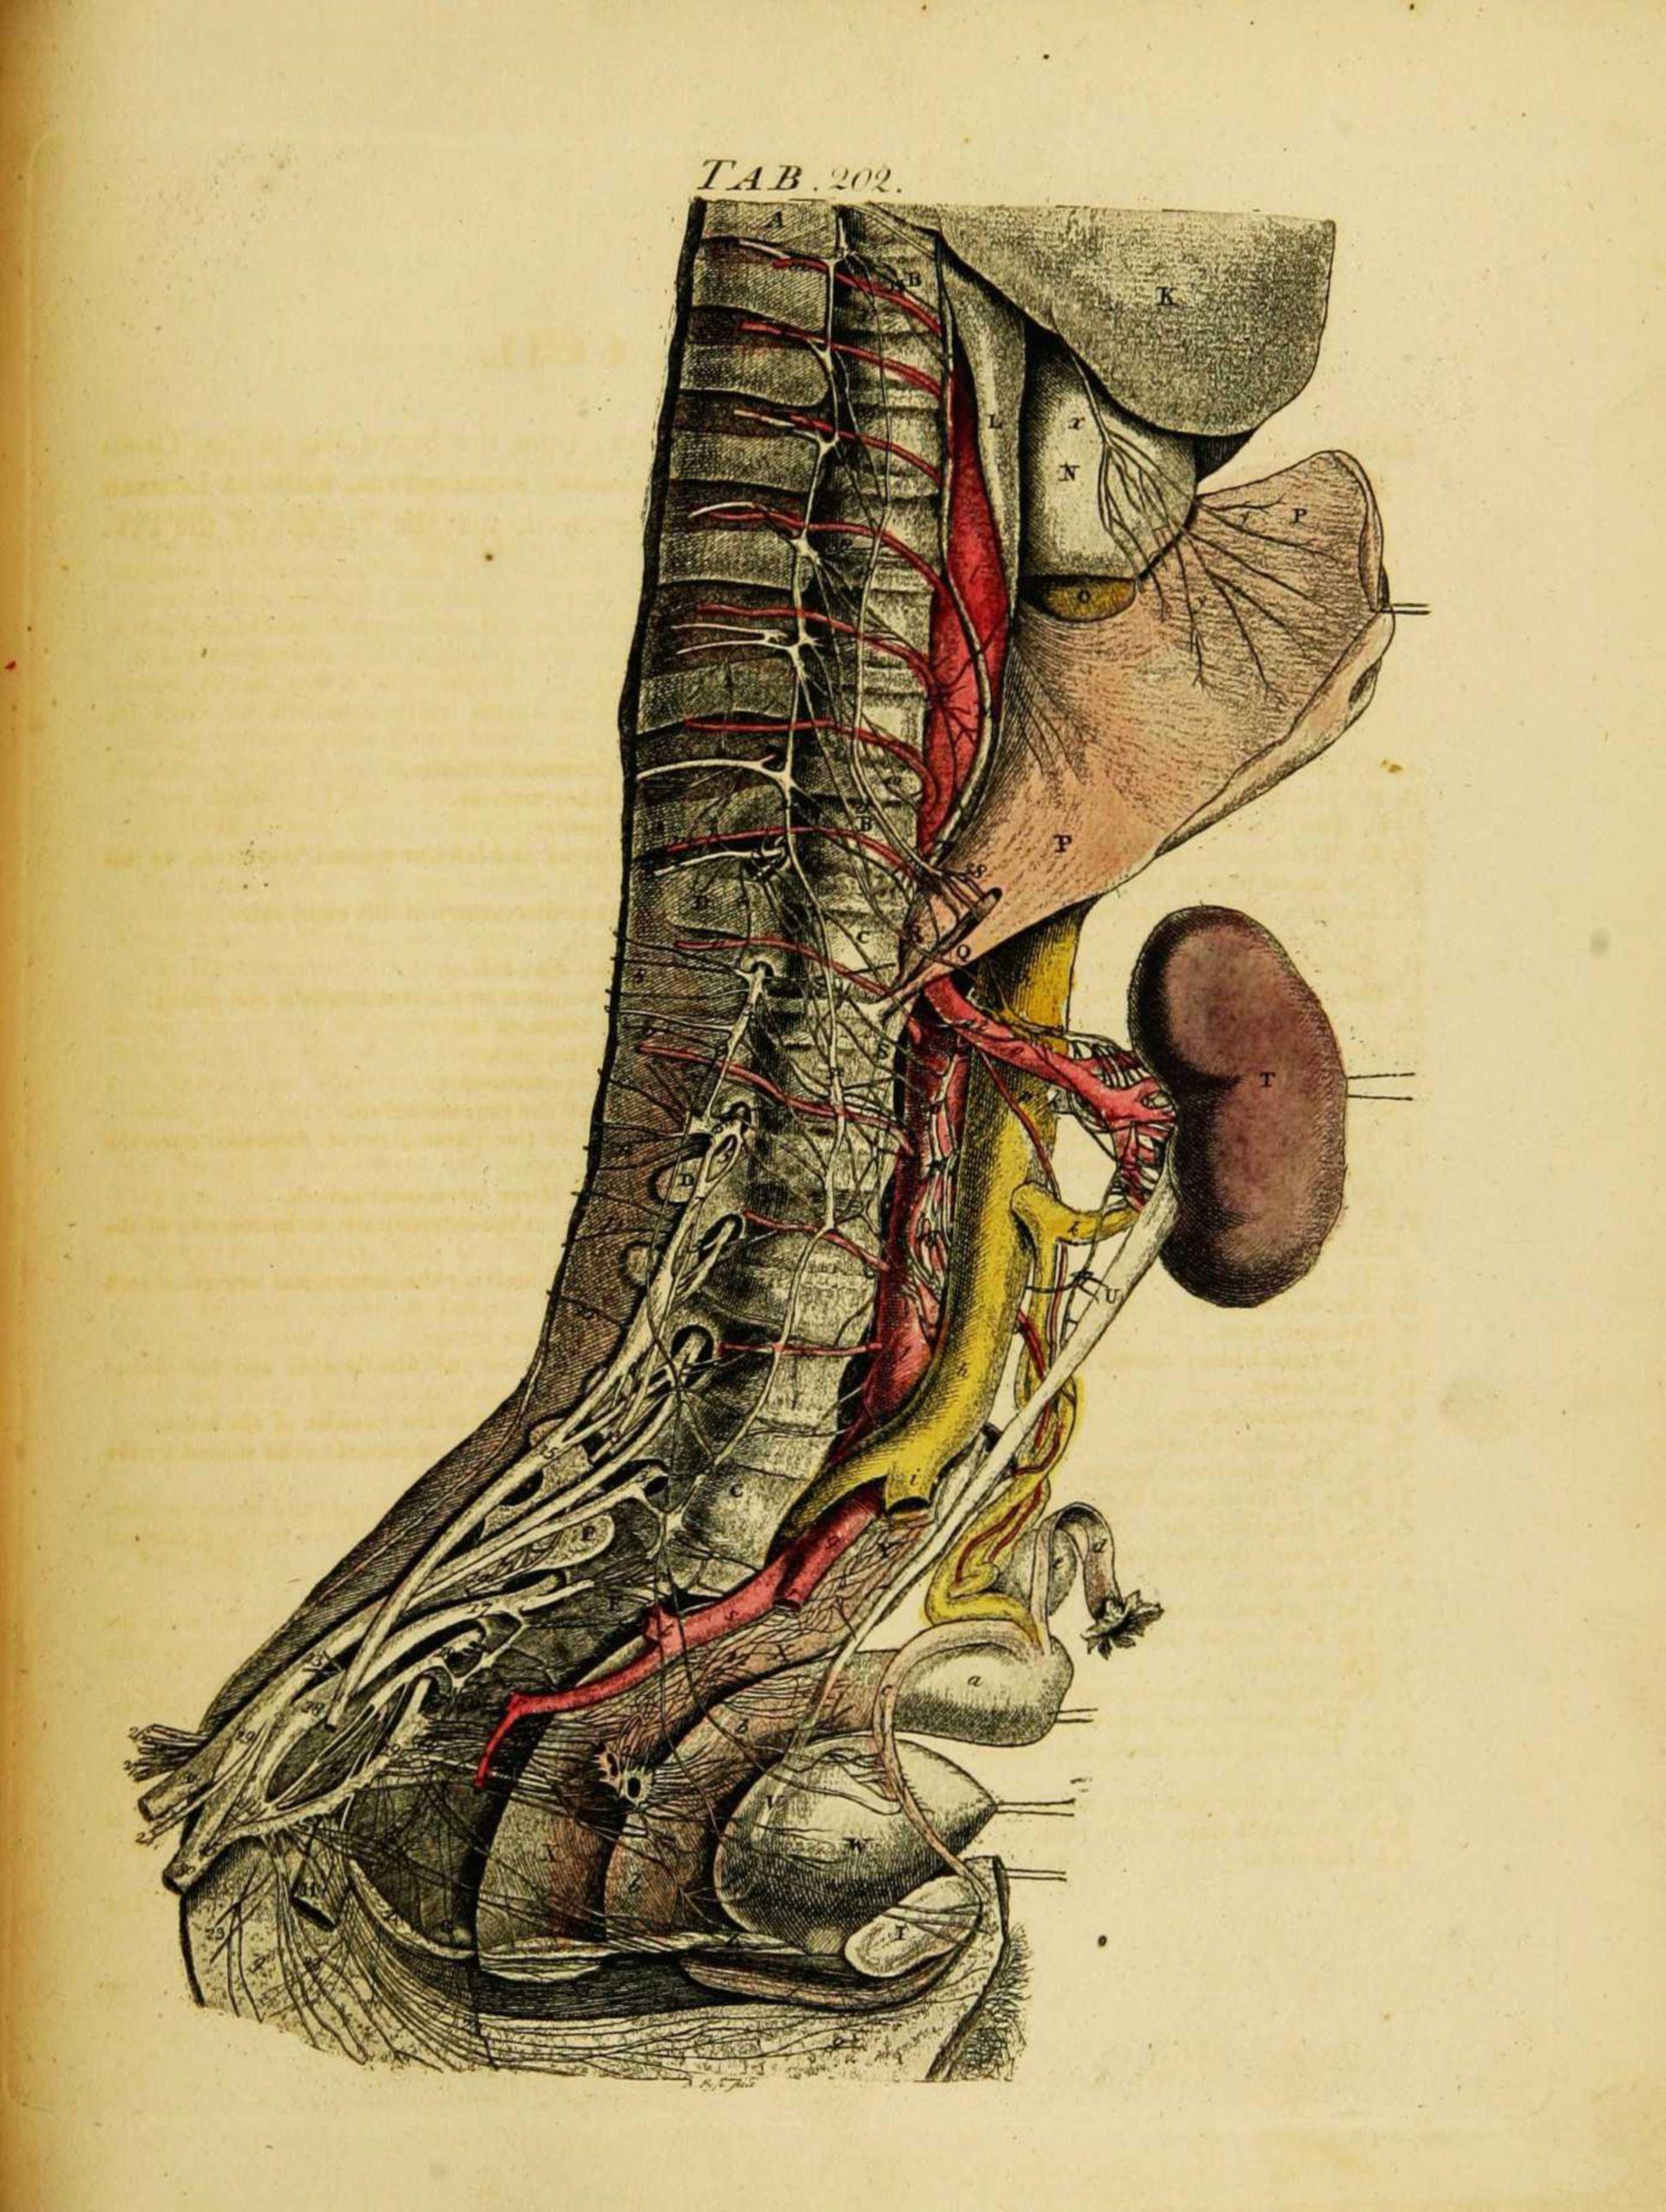 Anatomie des Gefäßsystems entlang der Wirbelsäule